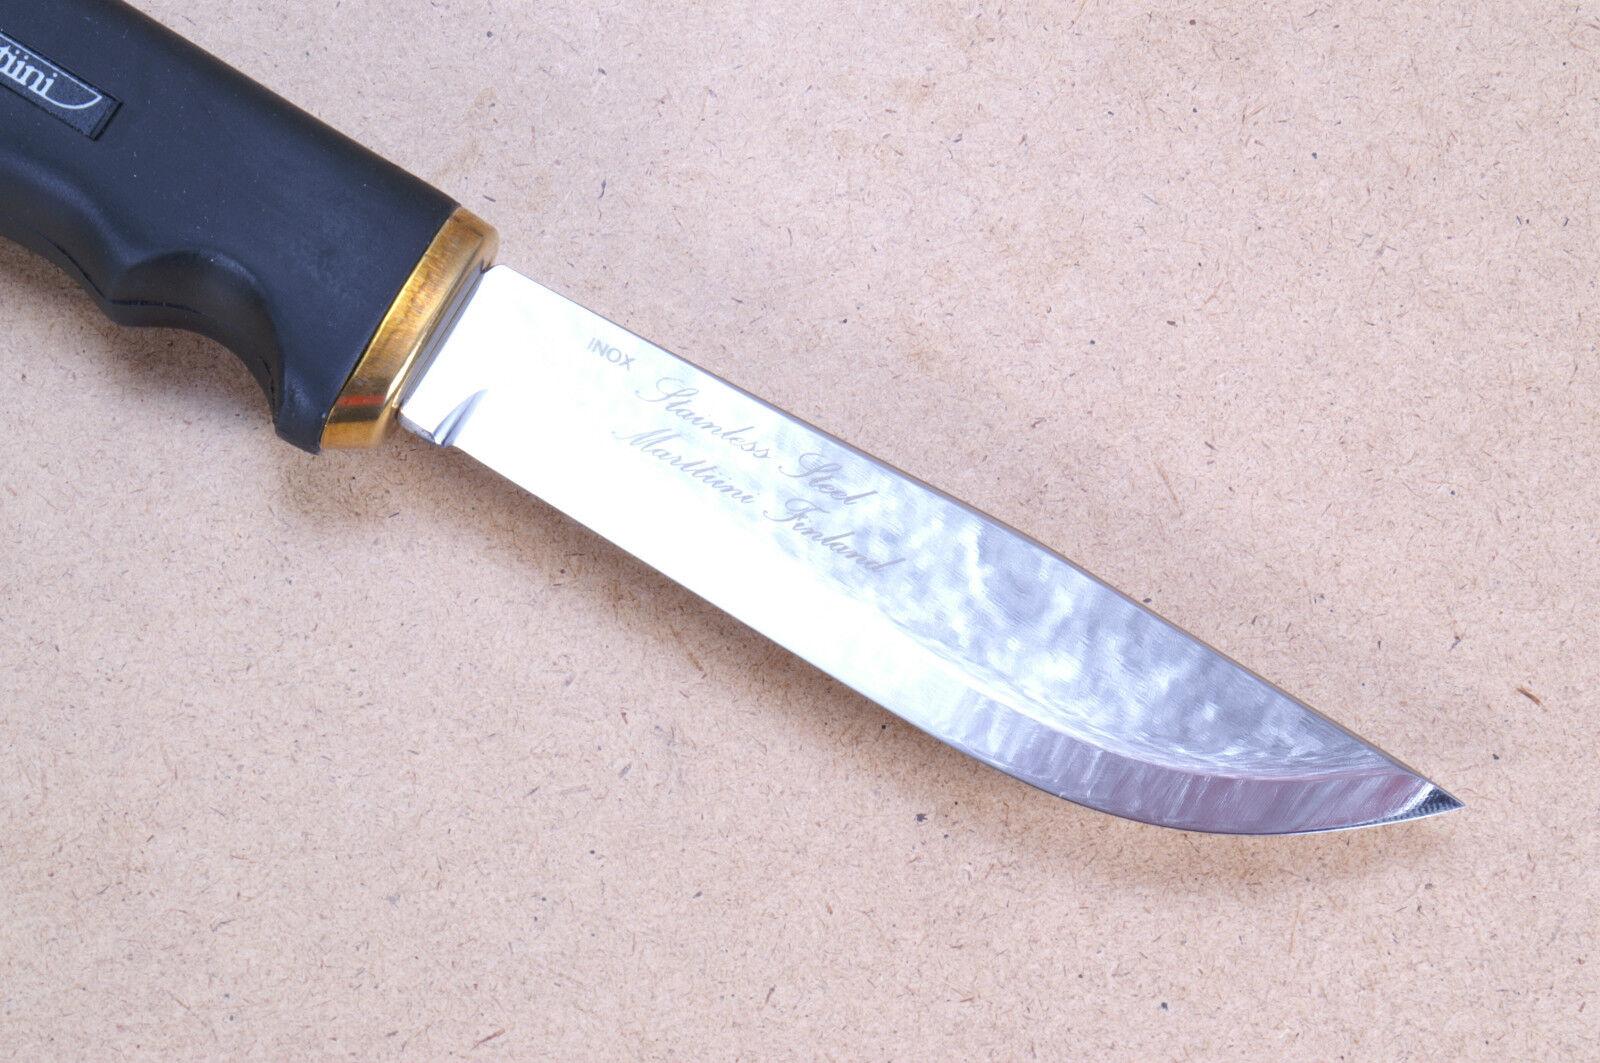 Marttiini Finnenmesser Jagdmesser Jagdmesser Finnenmesser Gürtelmesser Fahrtenmesser Finnland INOX M03 063438